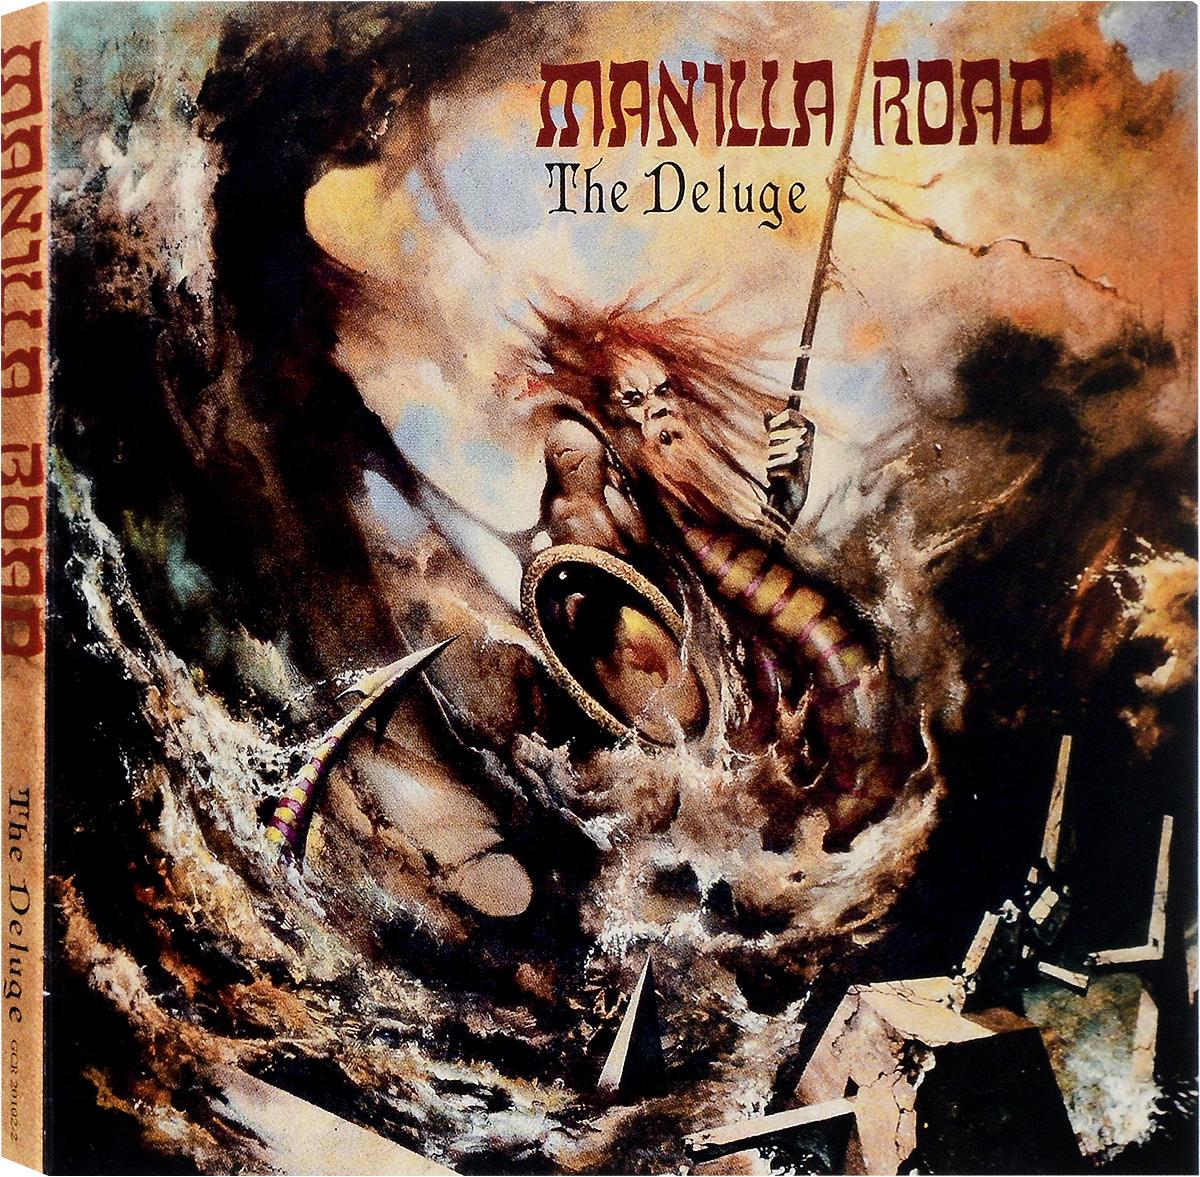 """""""Manilla Road"""" Manilla Road. The Deluge"""